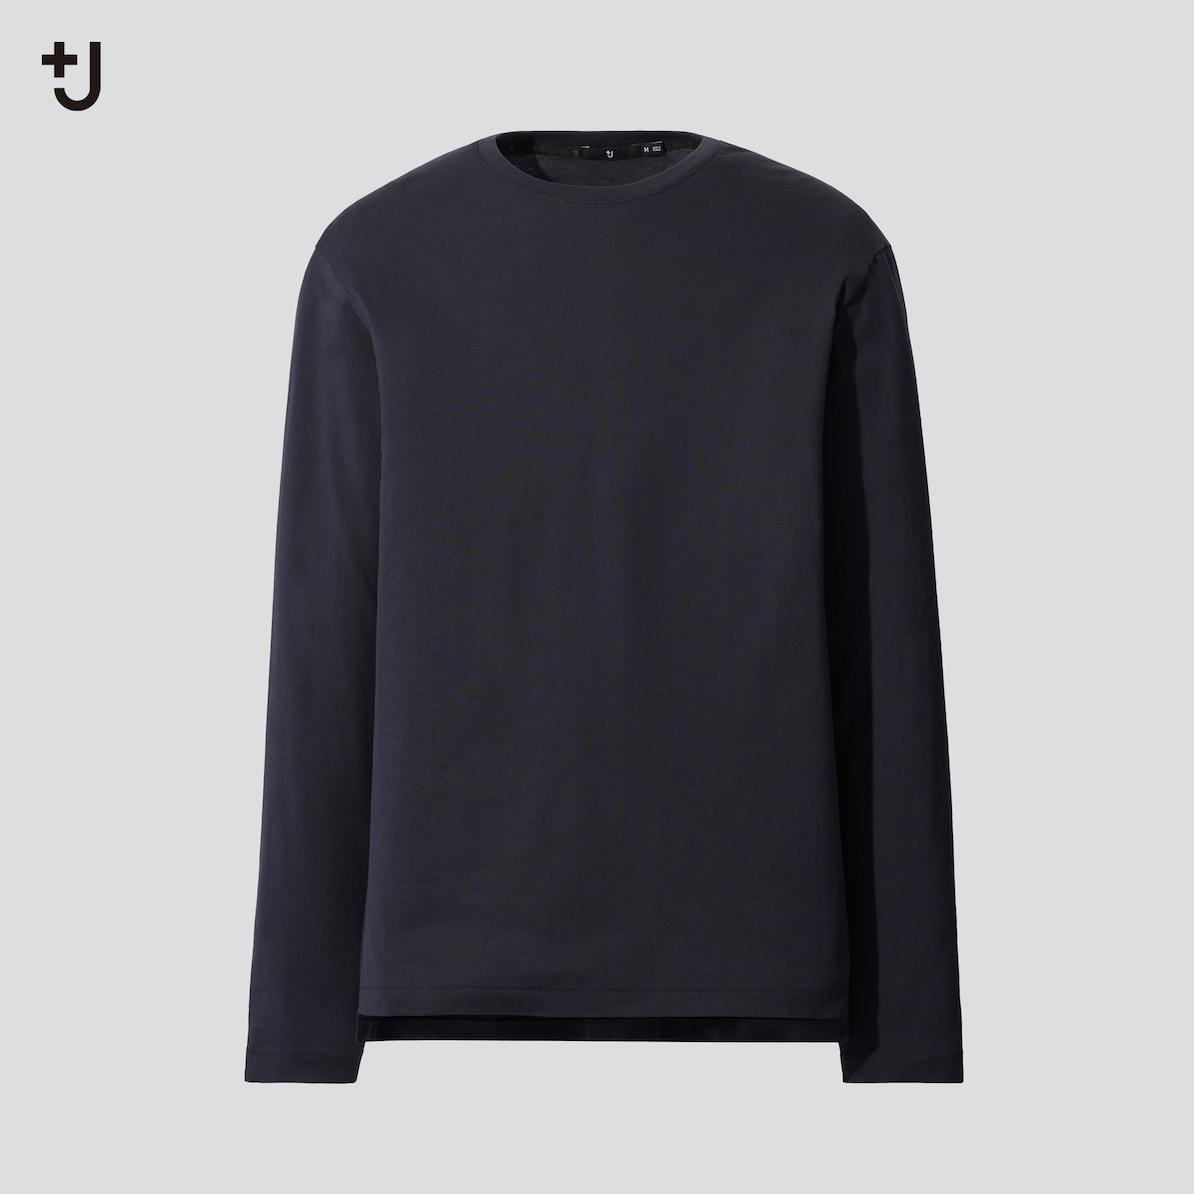 +jのクルーネックシャツ